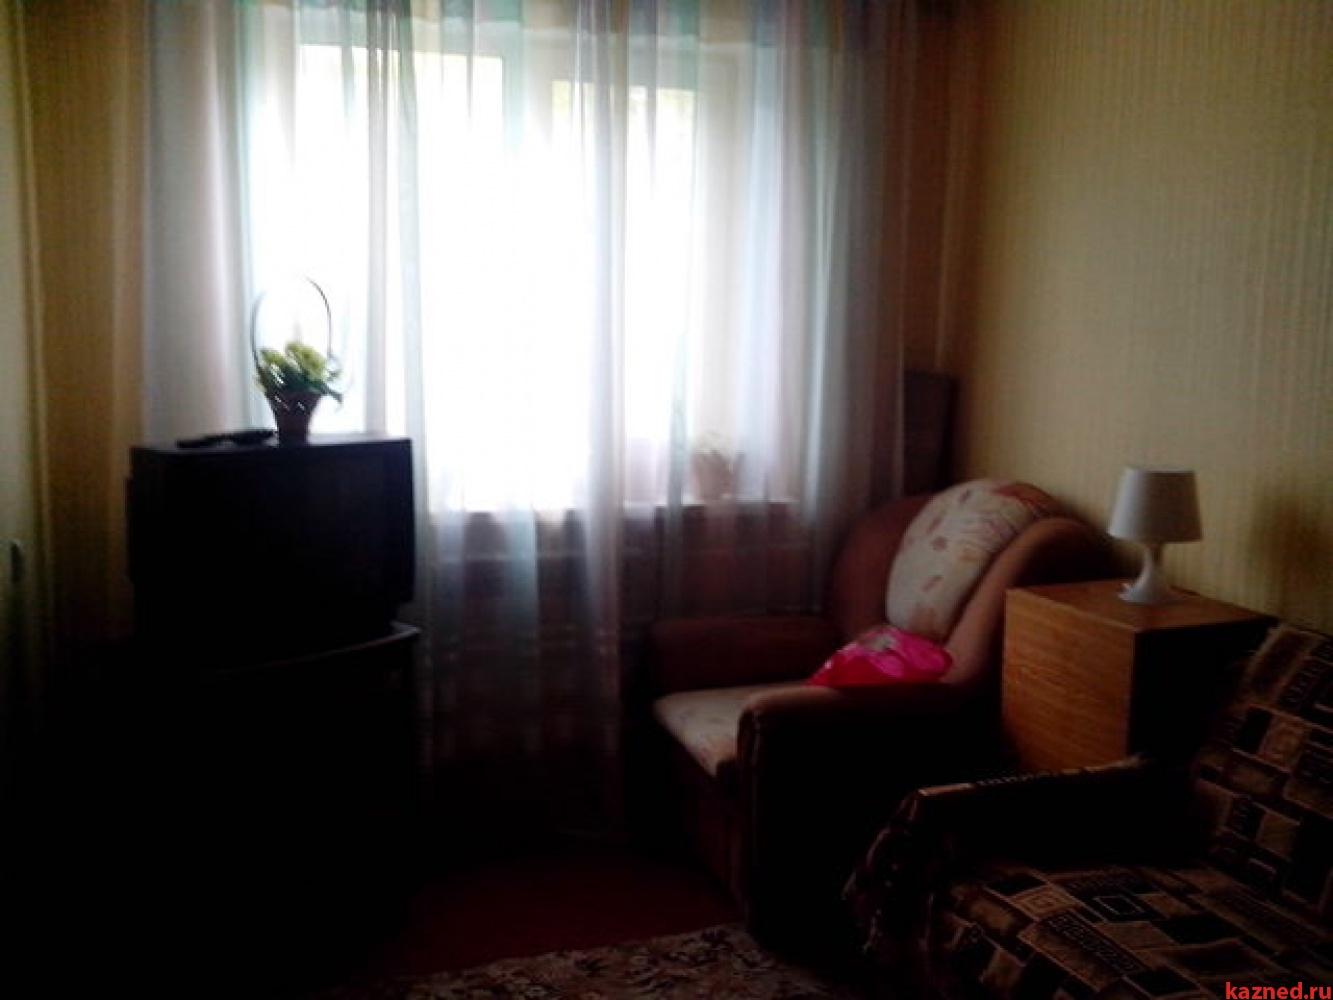 Продажа 3-к квартиры Юбилейная, 4, 56 м2  (миниатюра №3)